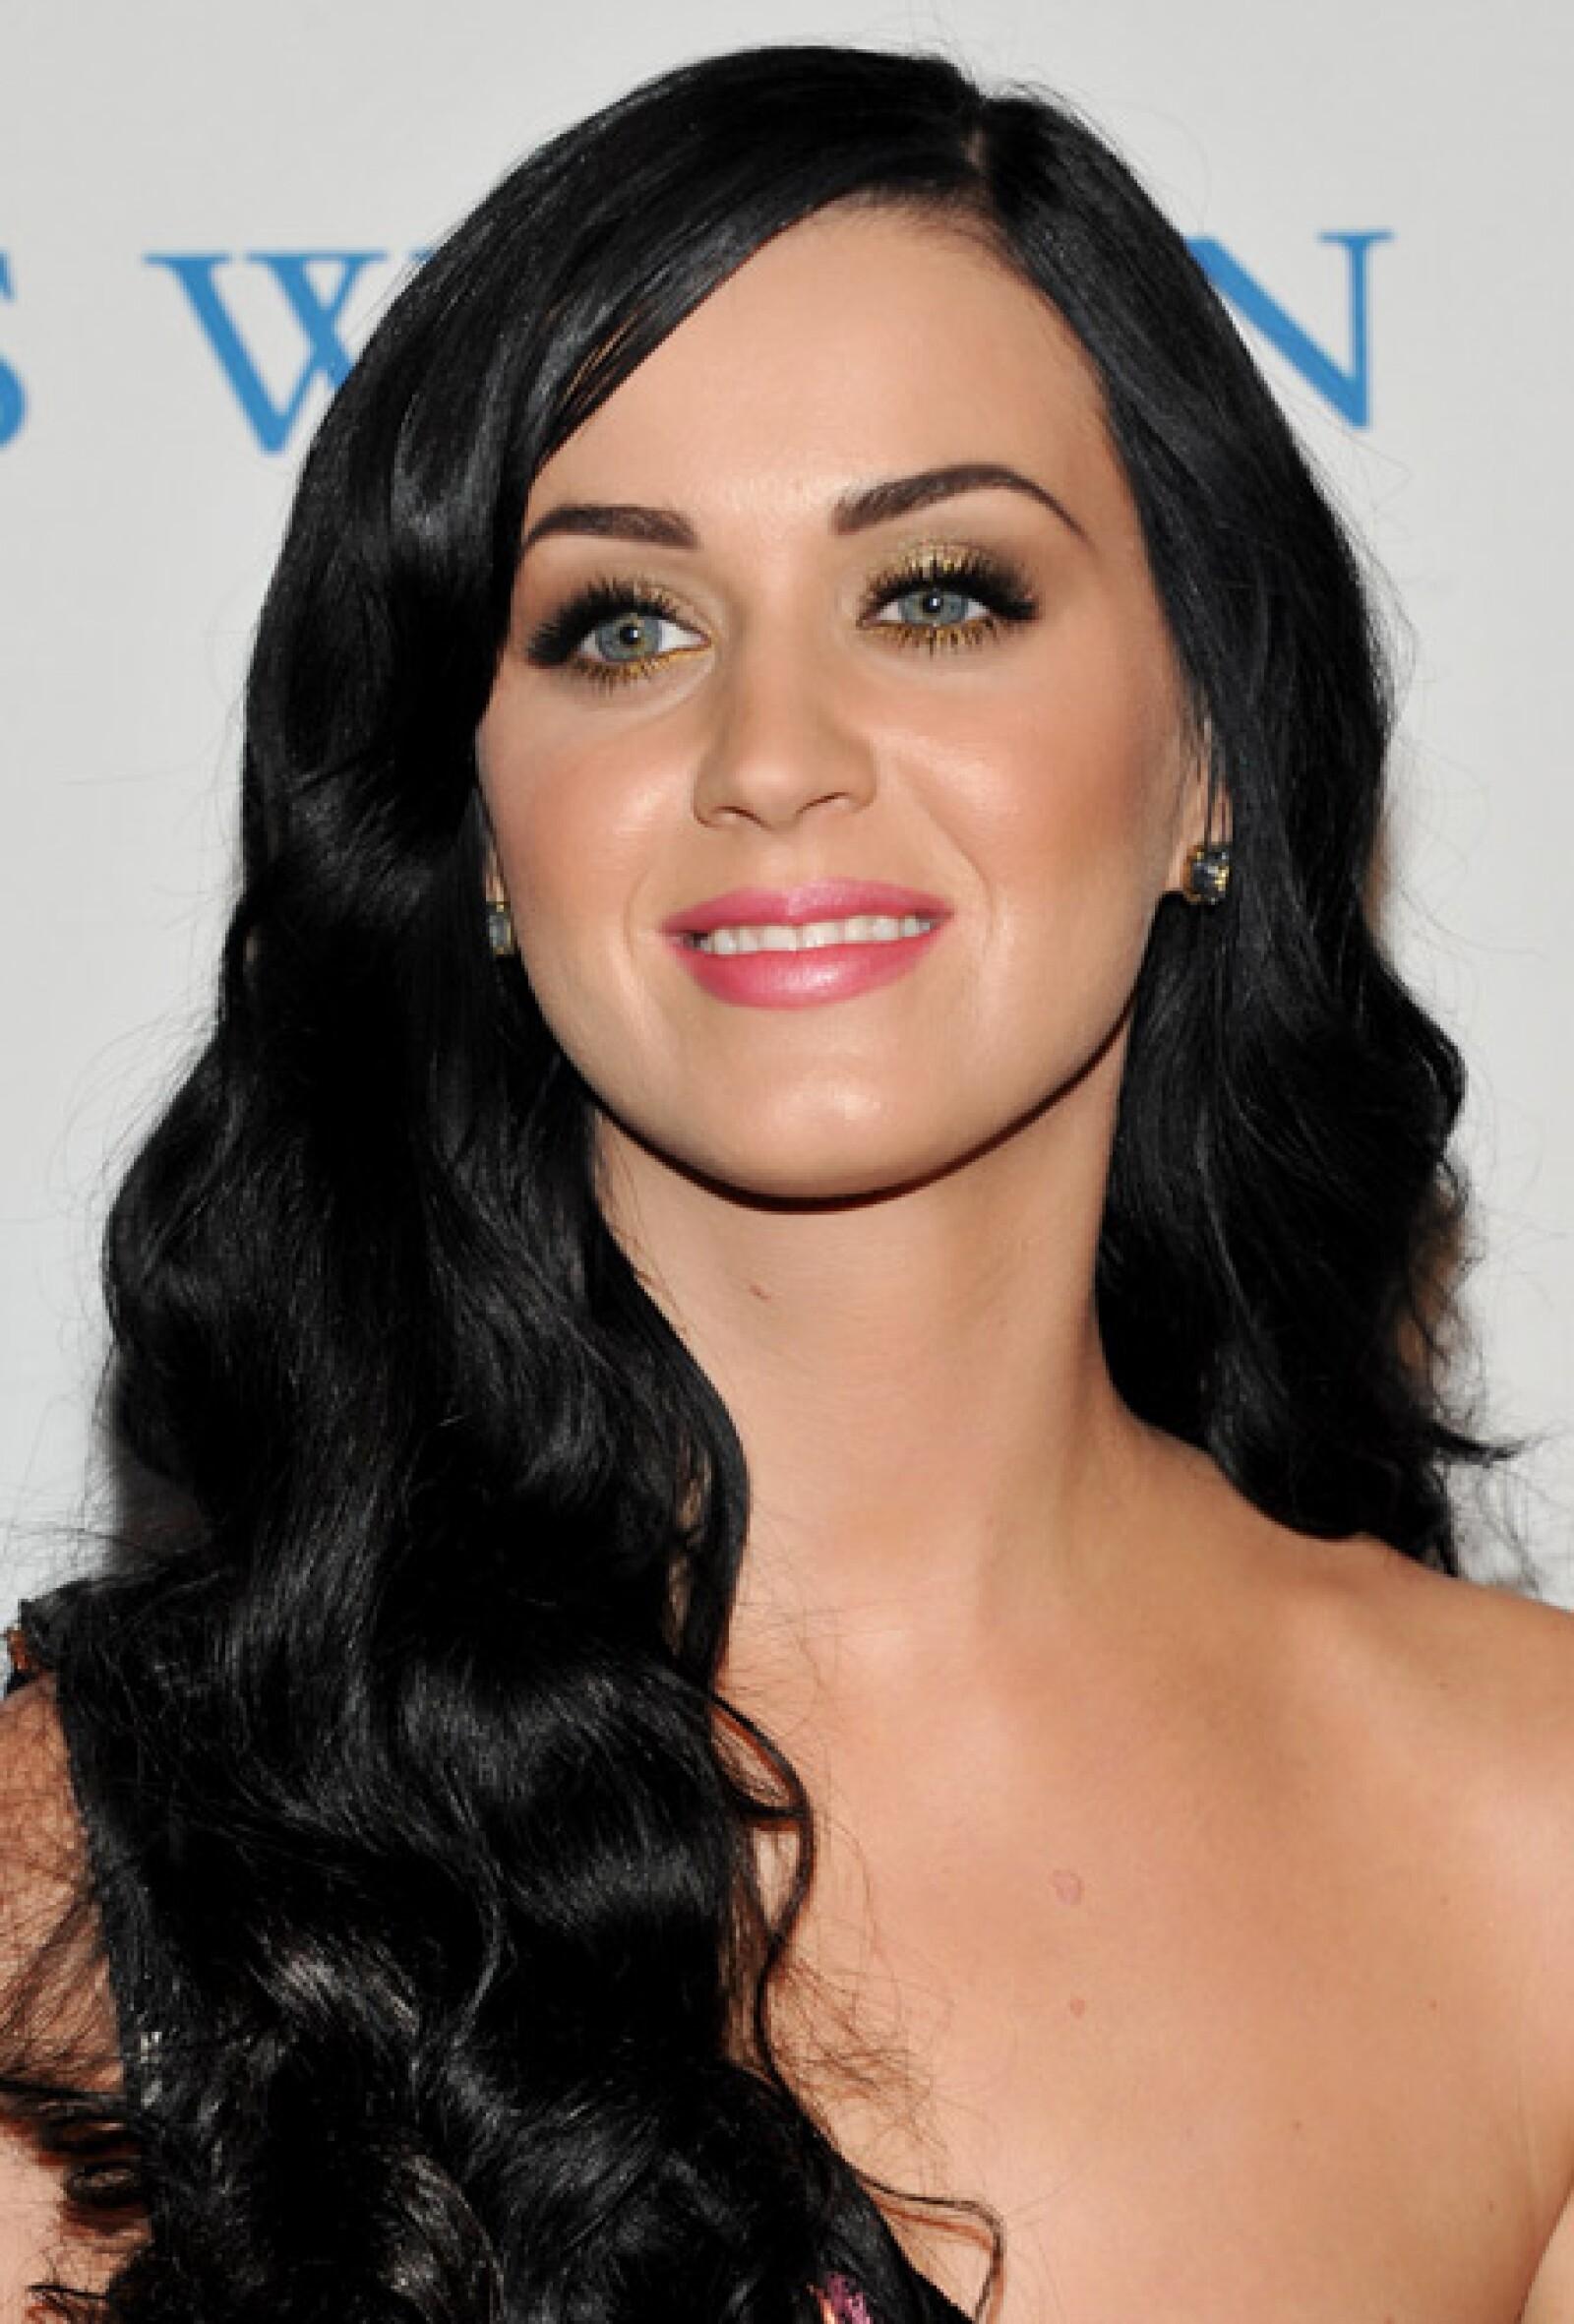 """La canción """"I Kissed a Girl"""" de la cantante Katy Perry, originaria de New Jersey, causó controversia en el mundo."""